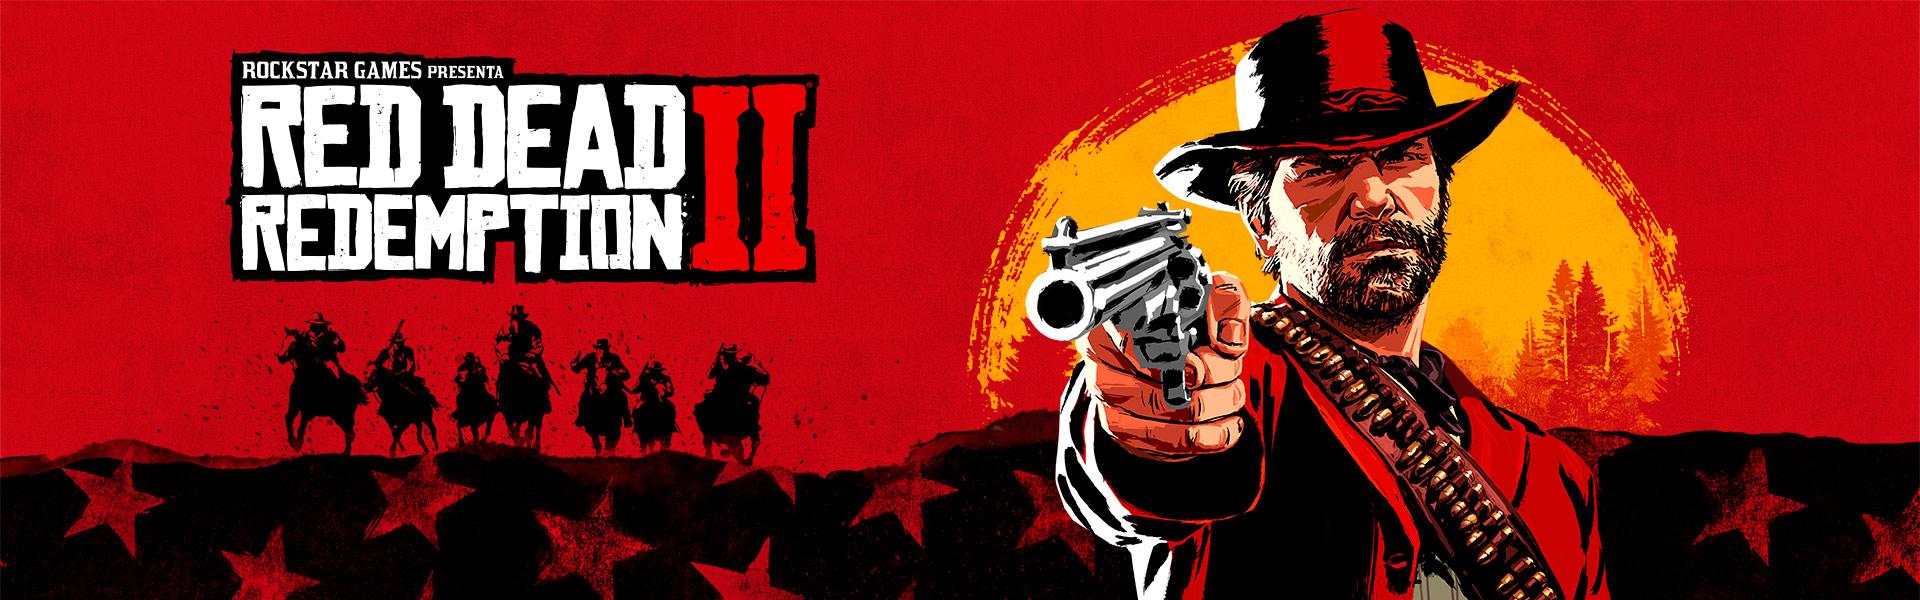 Rockstar Games presenta Red Dead Redemption 2, una representación artística de Arthur Morgan apuntando el revólver con una puesta de sol tras él